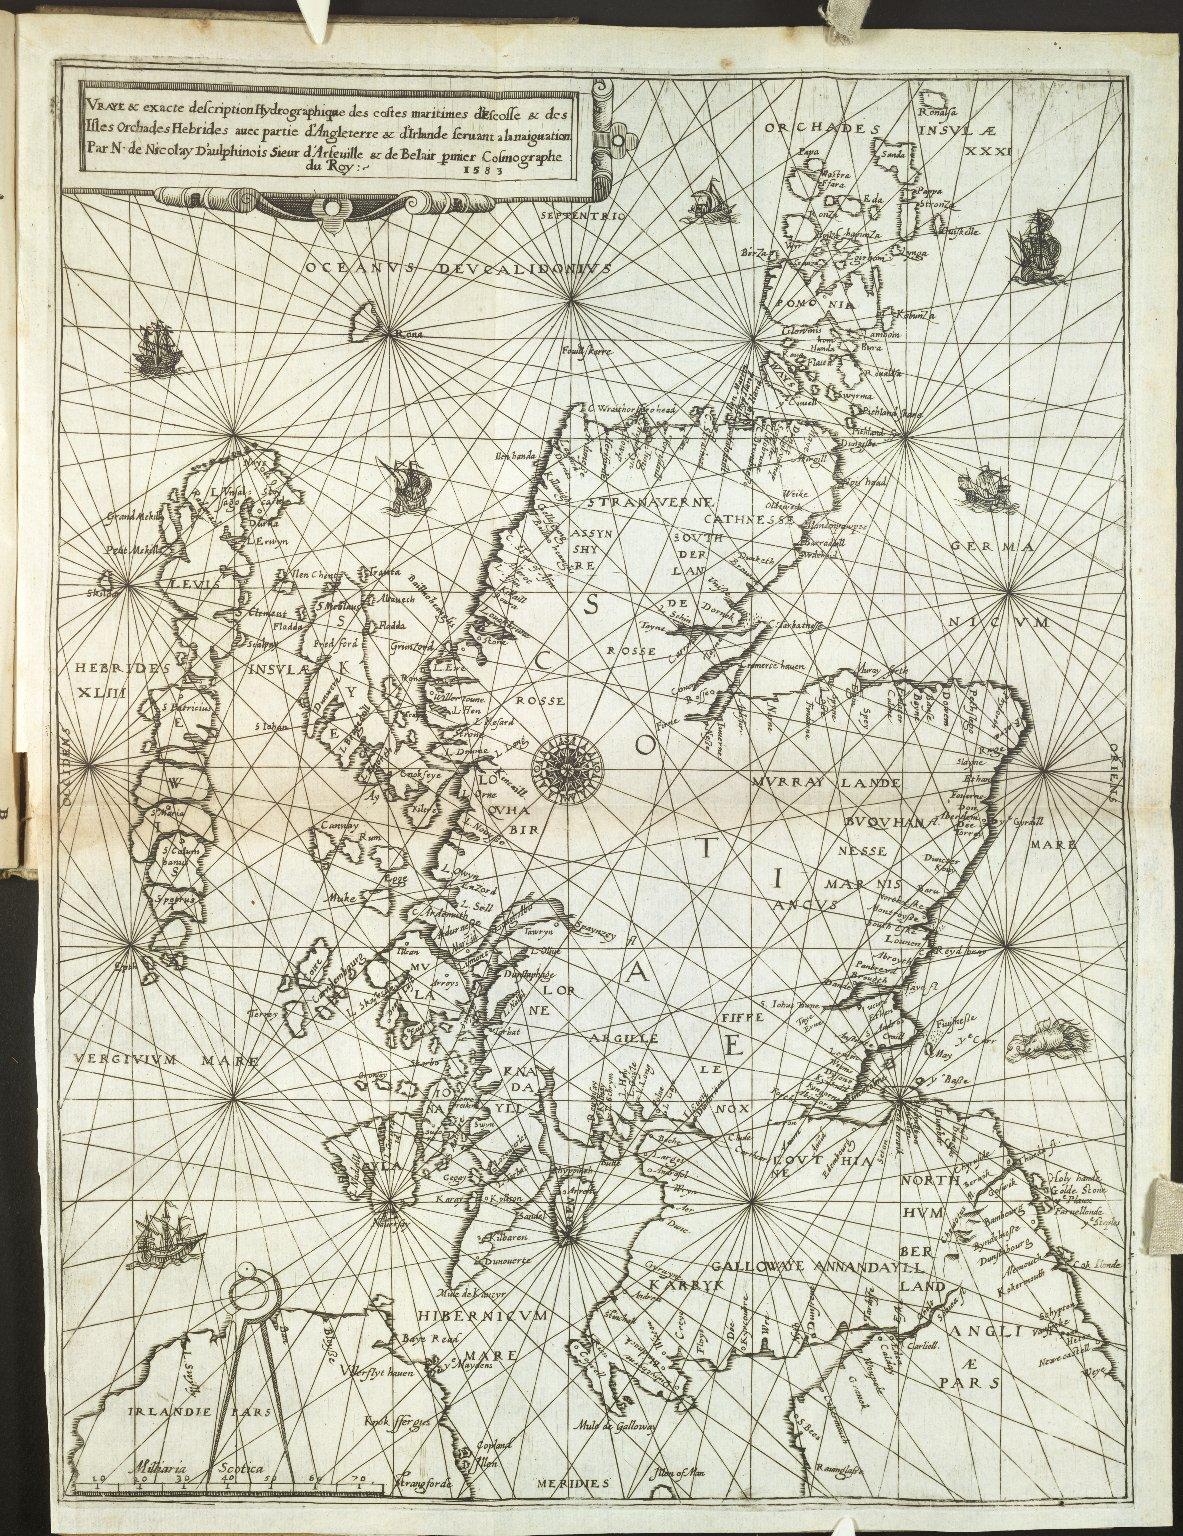 Vraye & exacte description Hydrographique des costes maritimes d'Escosse & des Isles Orchades Hebrides auec partie d'Angleterre & d'Irlande seruant a la naiguation [1 of 1]